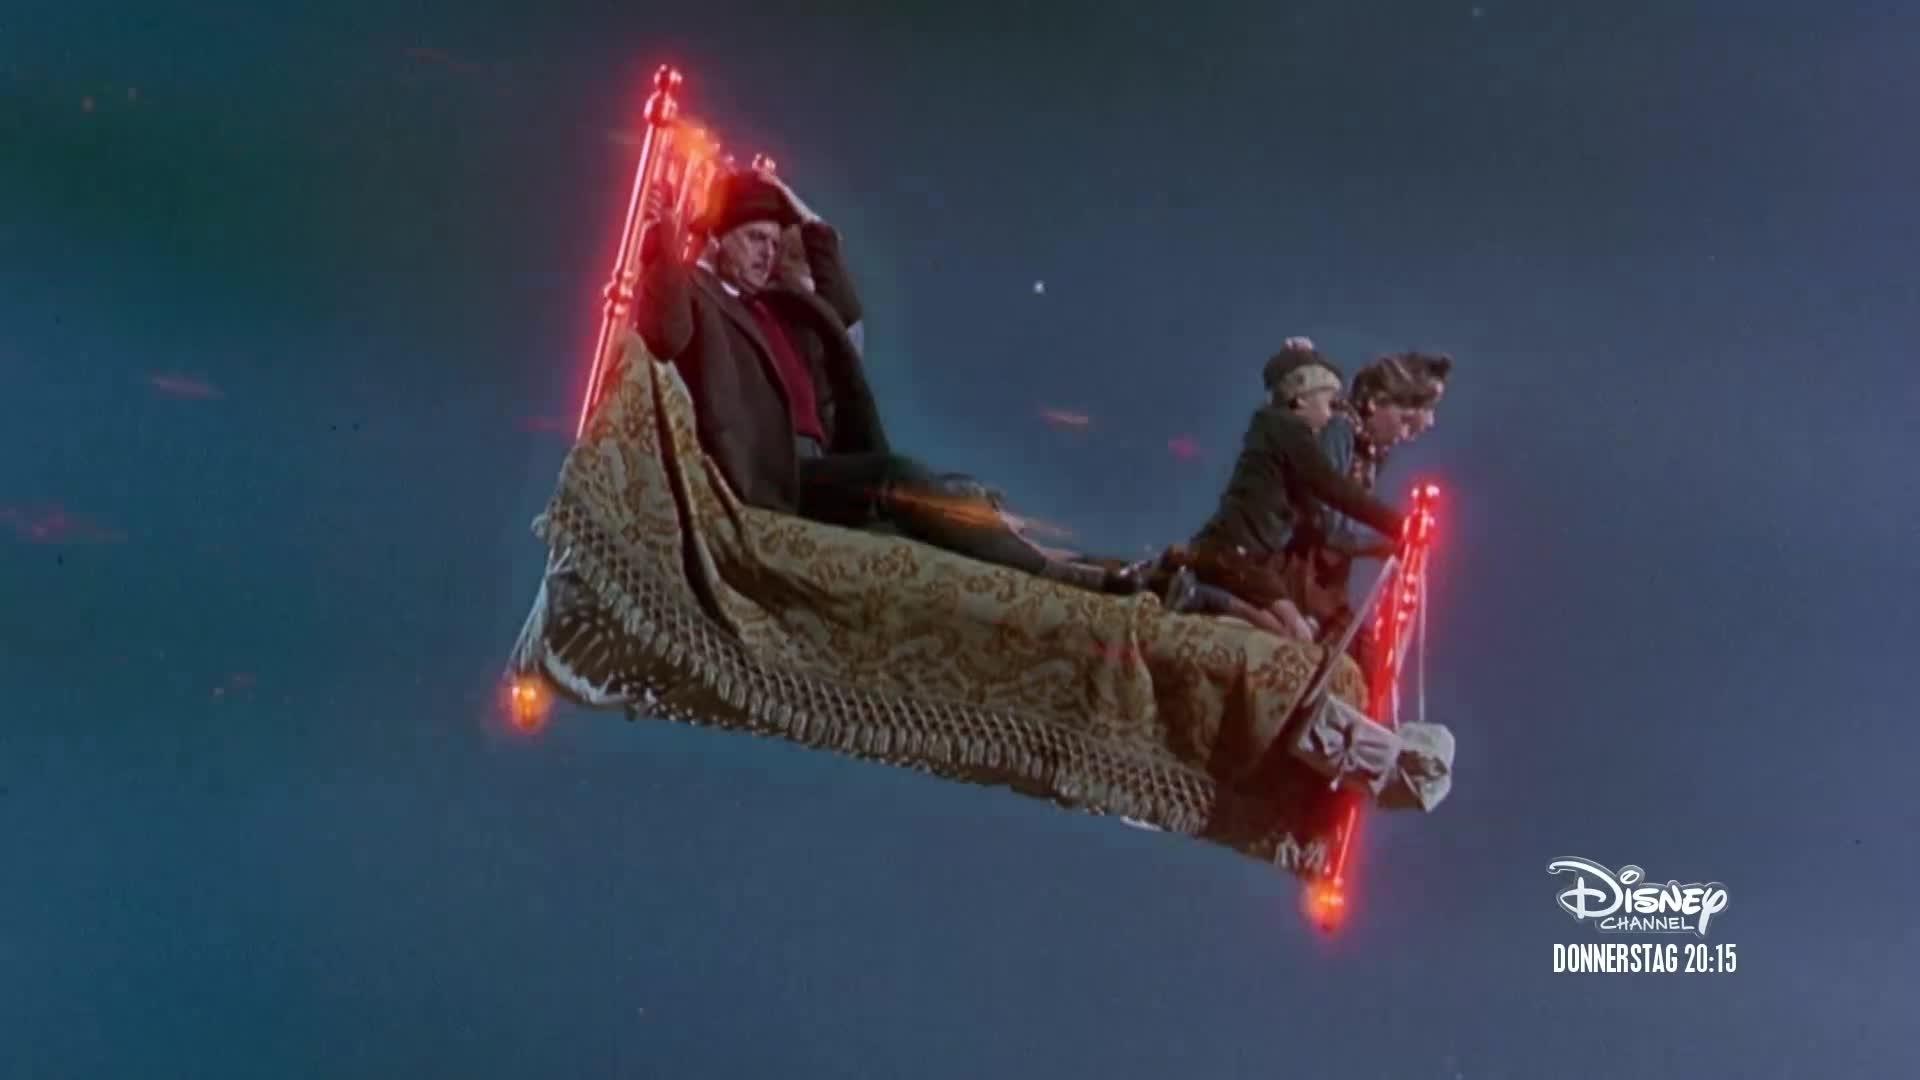 Die tollkühne Hexe in ihrem fliegenden Bett - Dein Filmrendezvous am Donnerstag